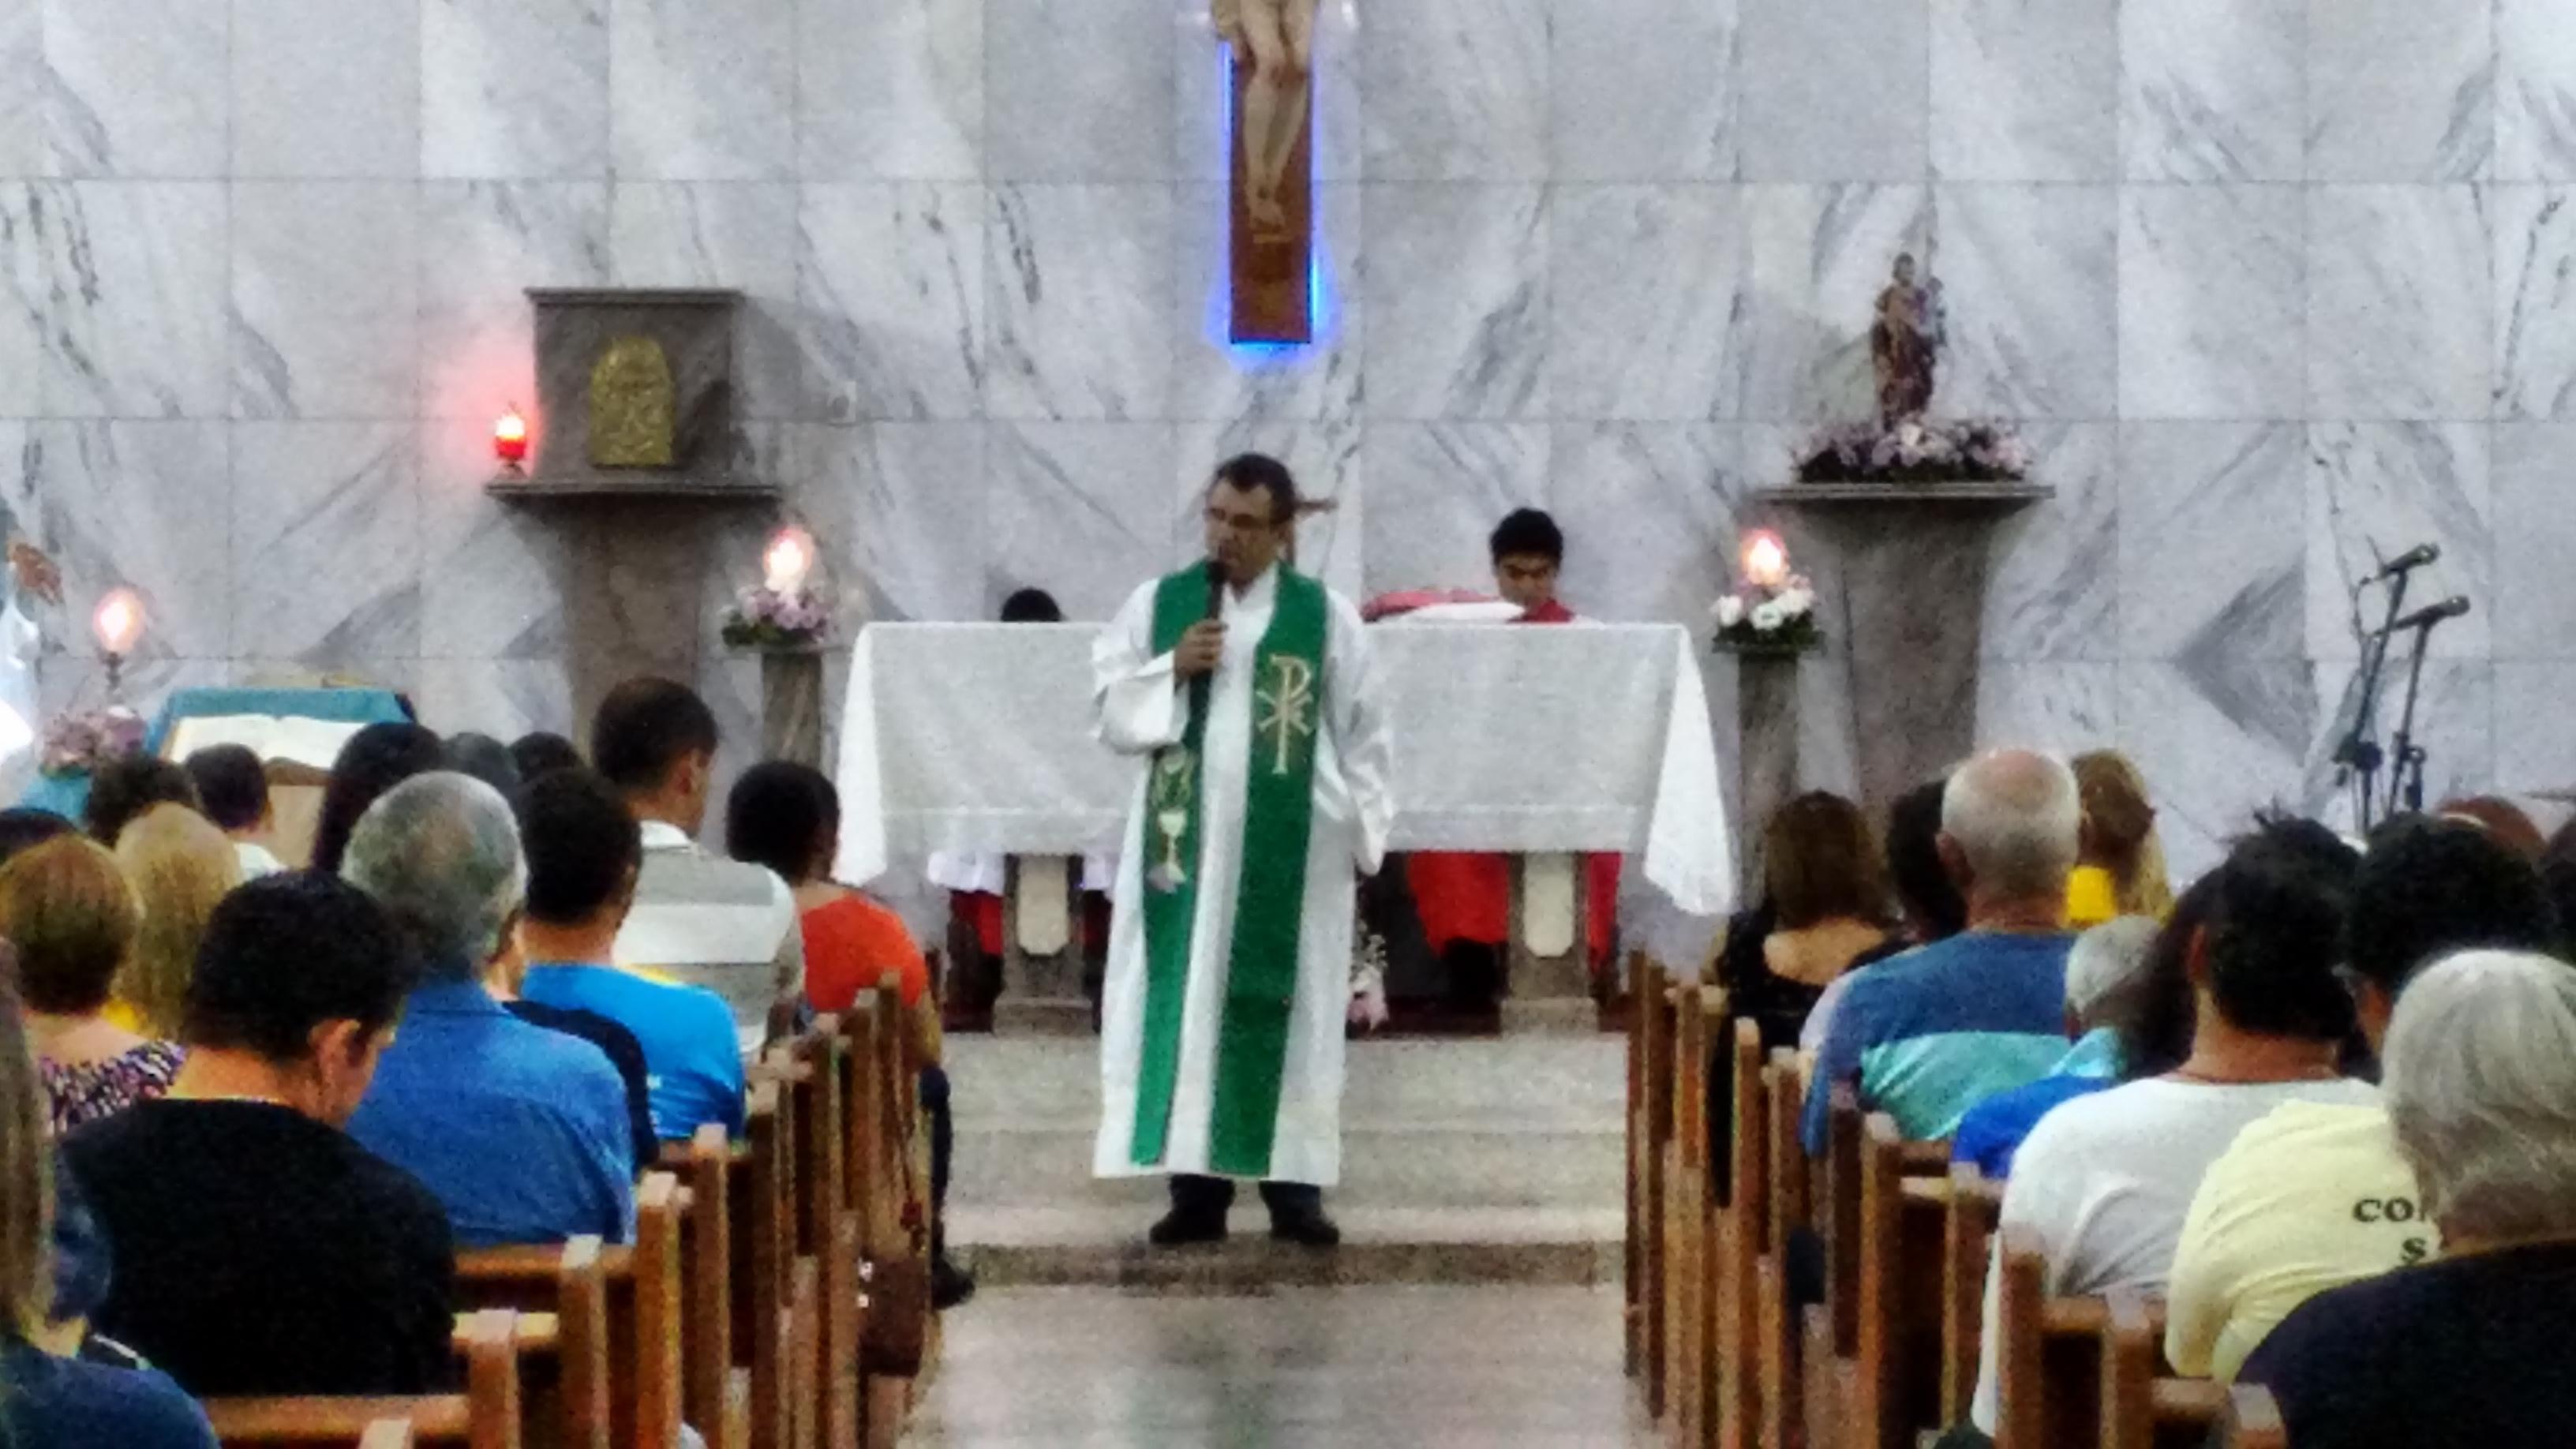 Santa missa com o Pe. Ferdinando Mancilio, C.Ss.R. na Paróquia Nossa Senhora das Graças em Pindamonhangaba